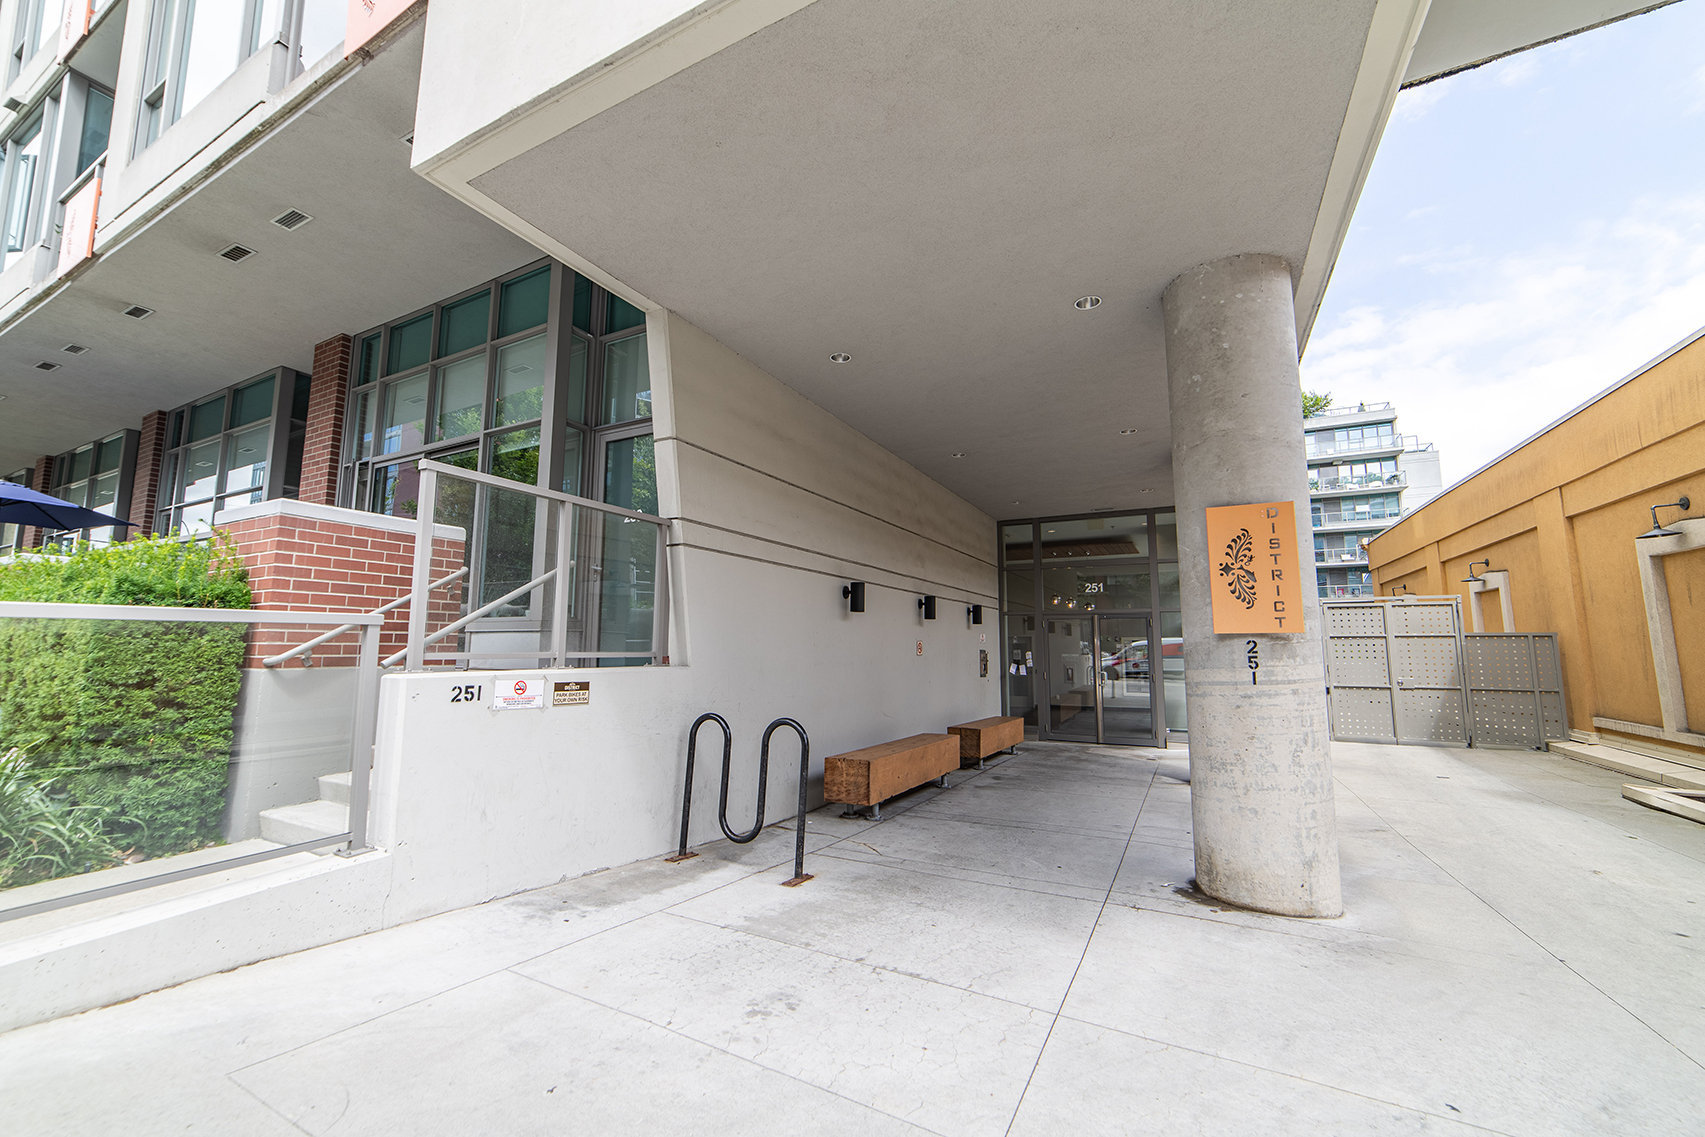 251 E 7th Ave. Entrance!